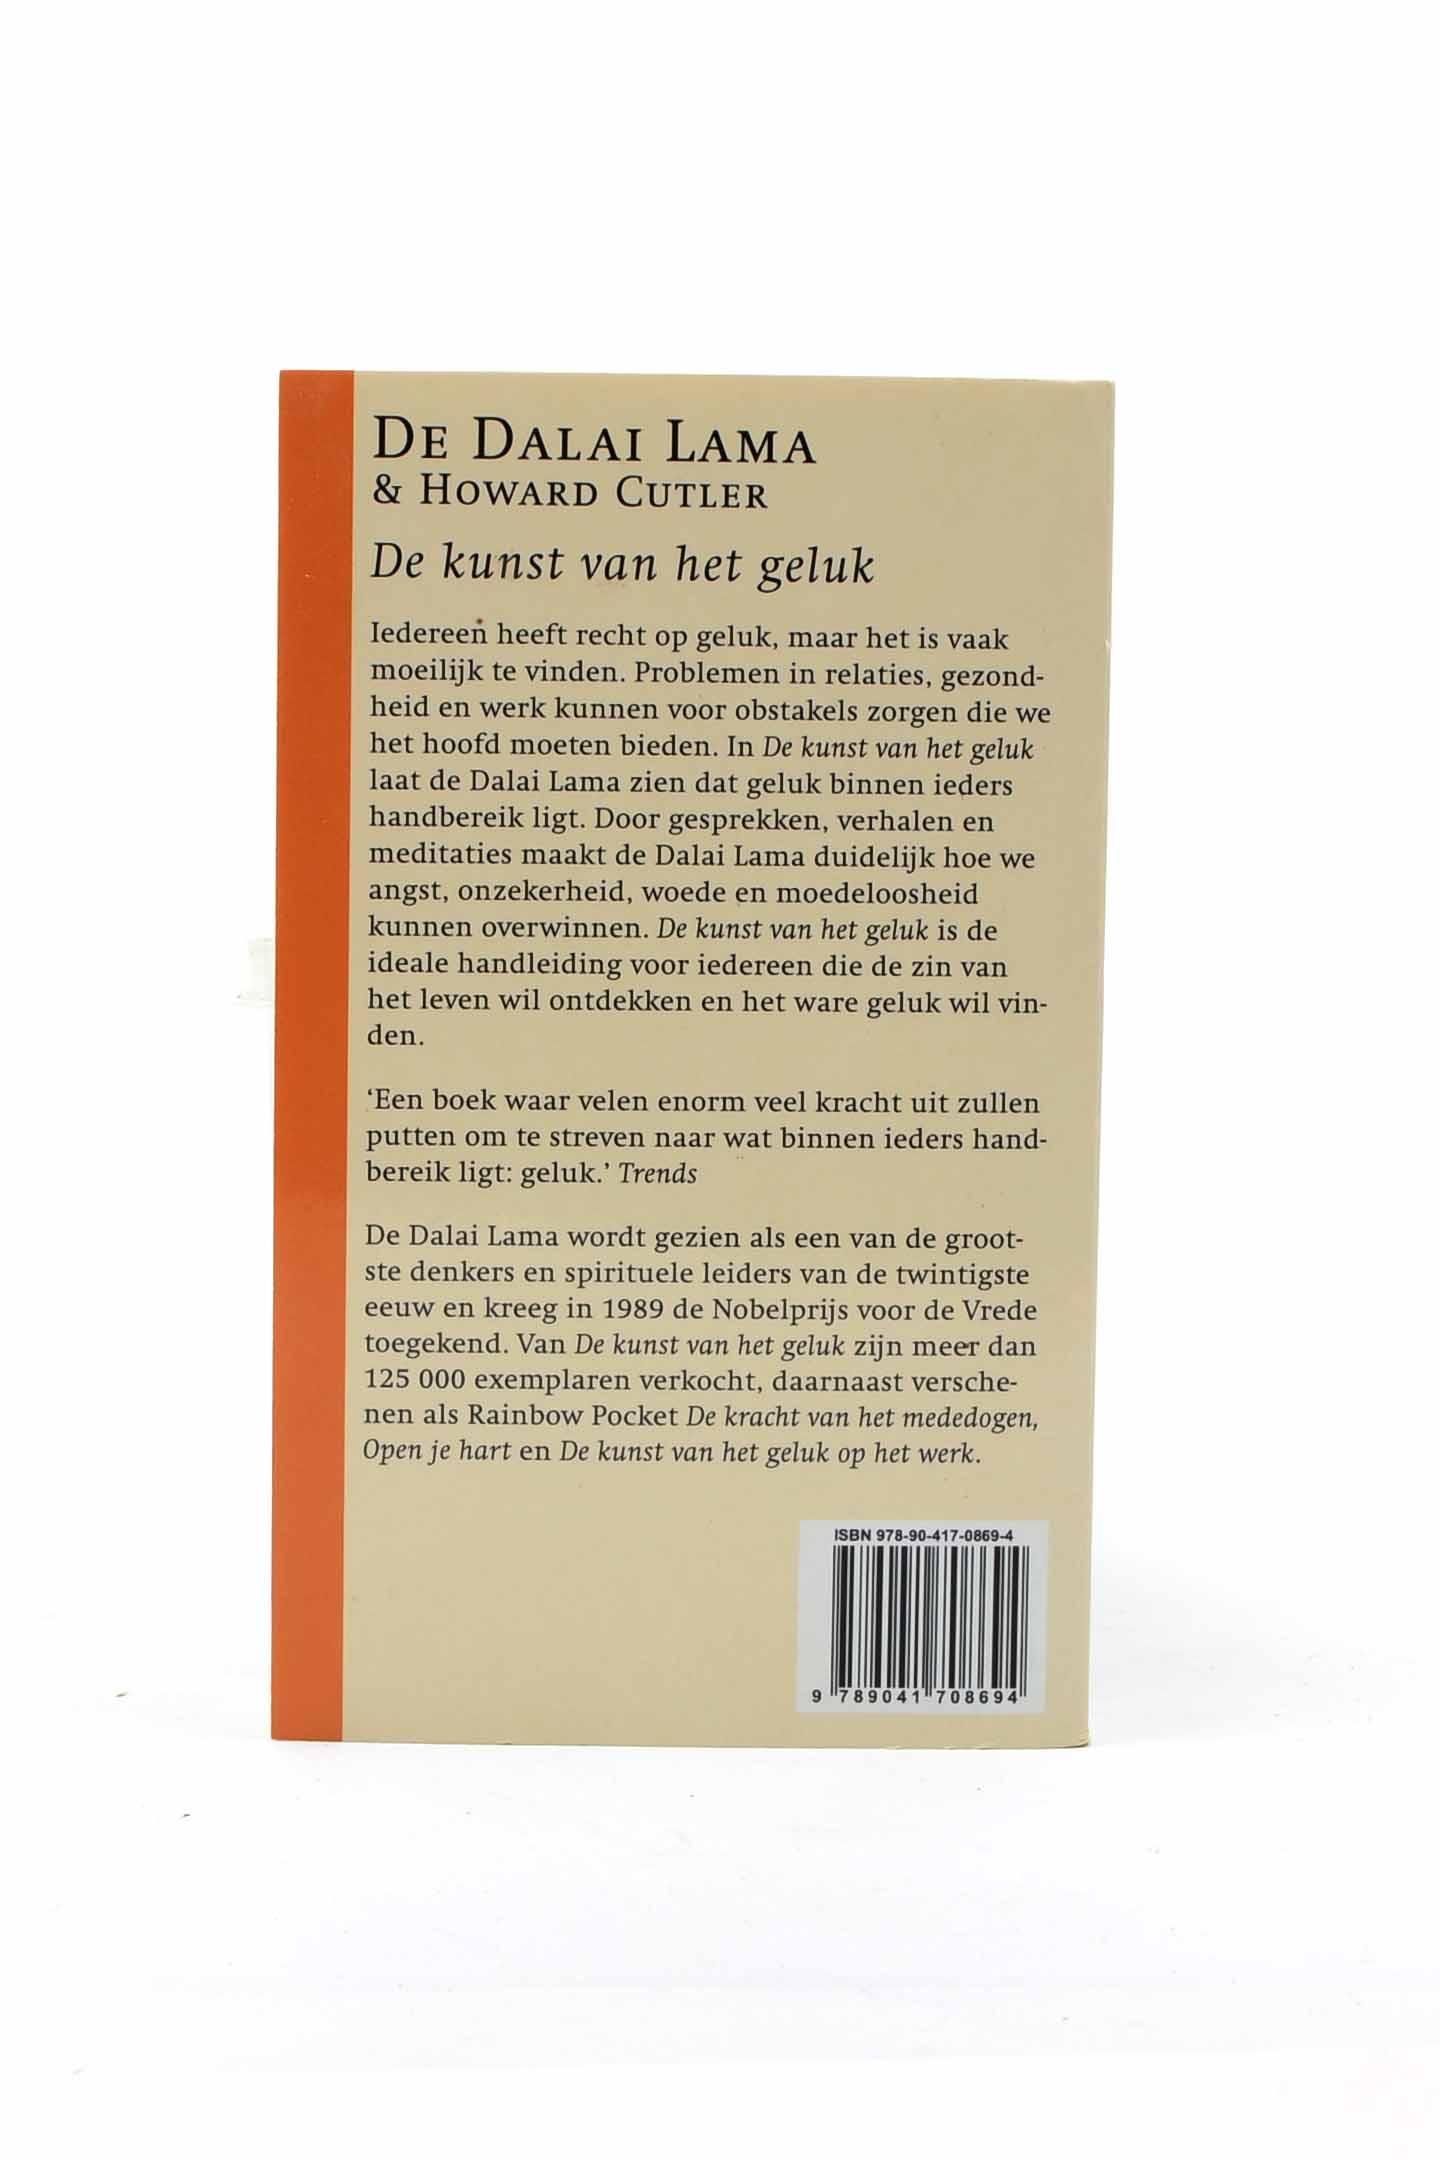 De Kunst Van Het Geluk De Dalai Lama Religie Spiritualiteit Filosofie